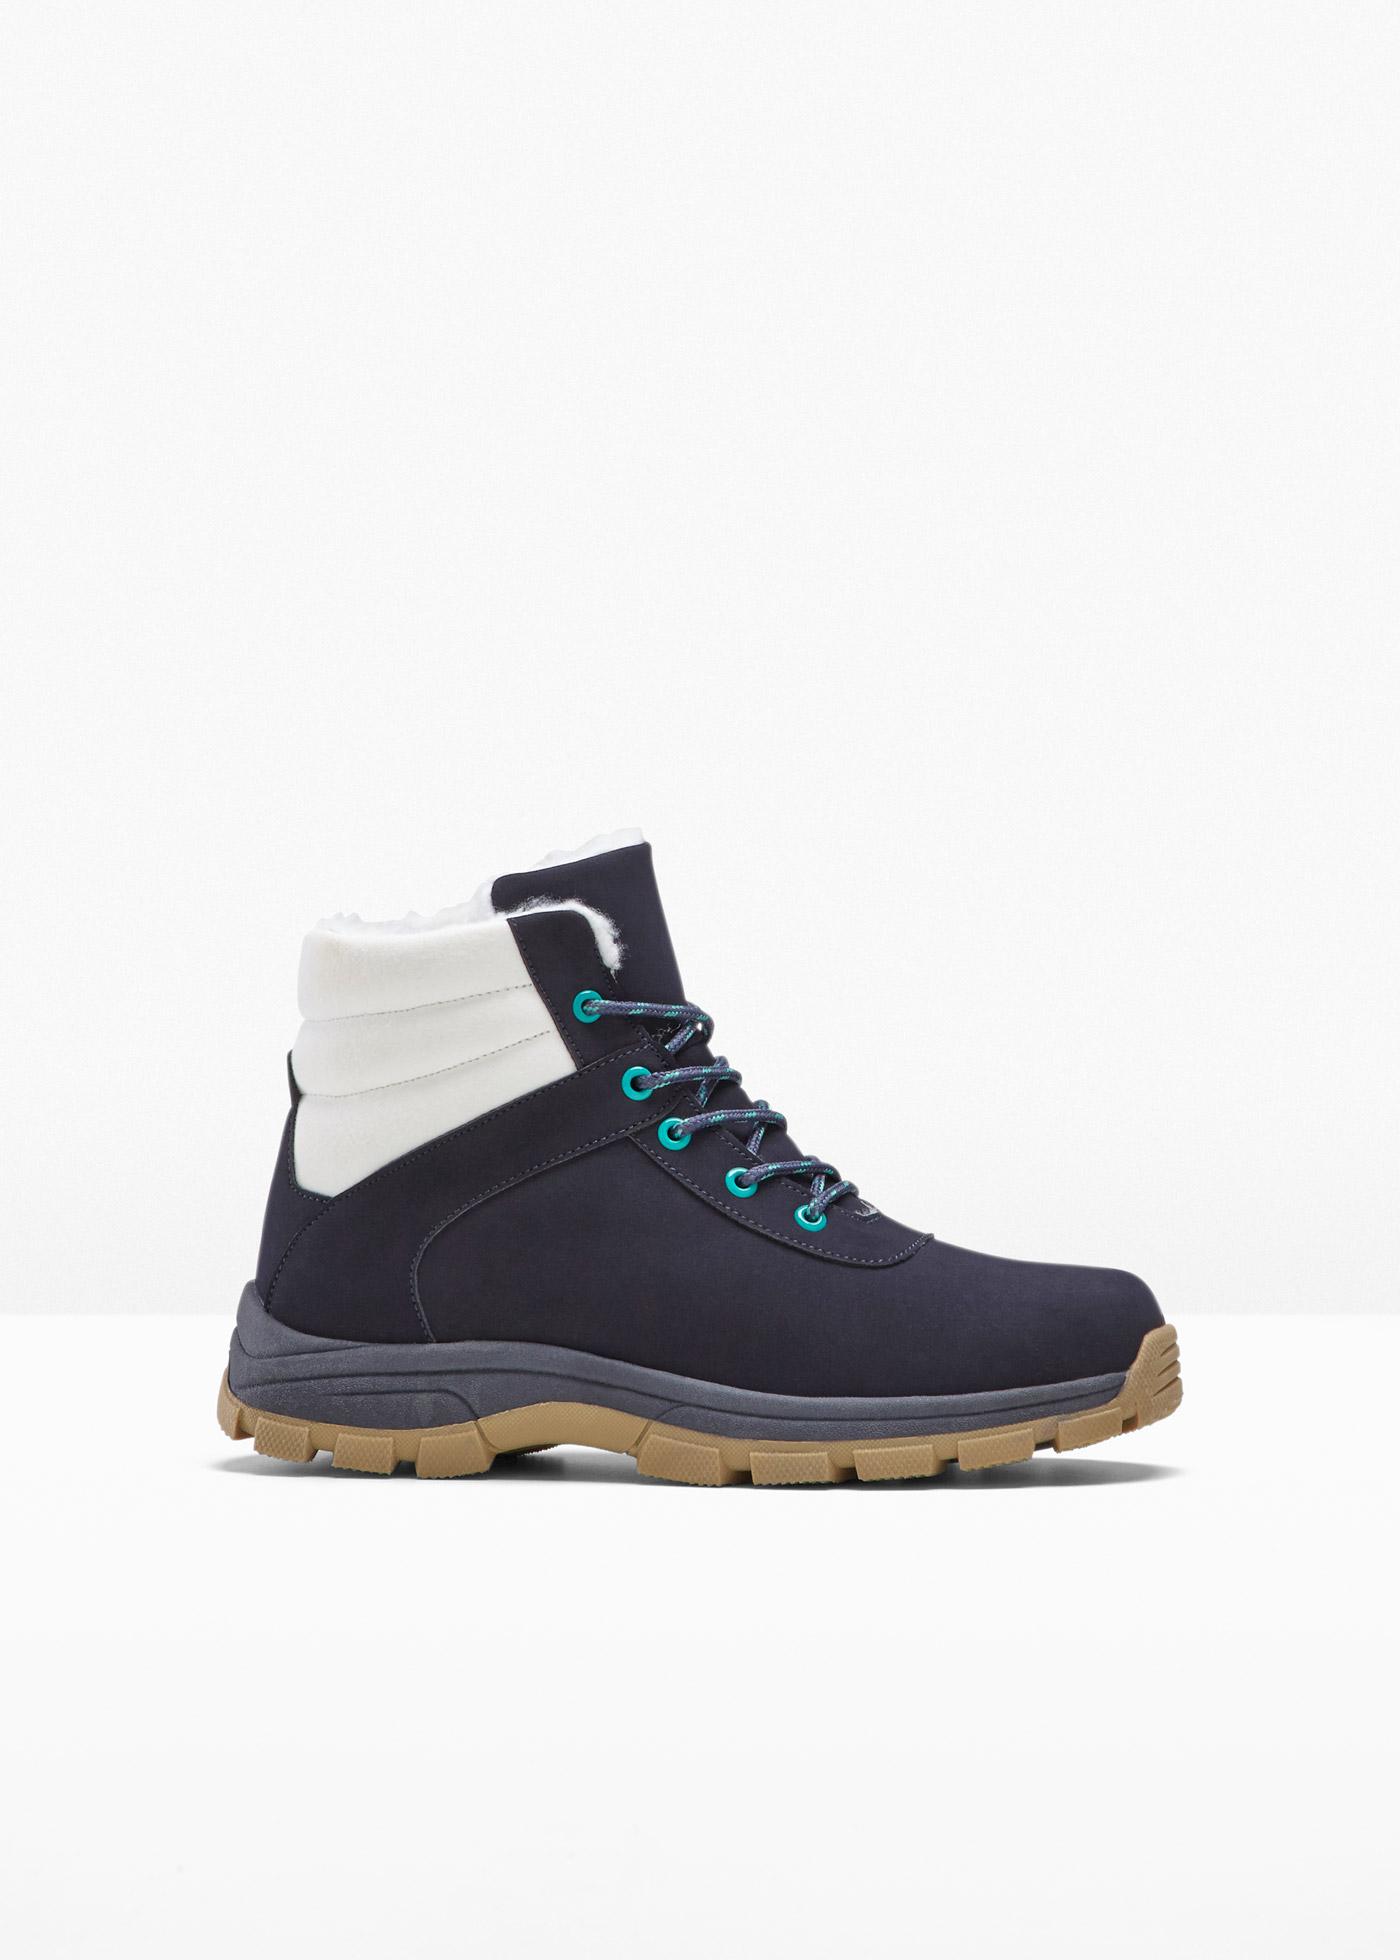 Boots d'hiver enfant